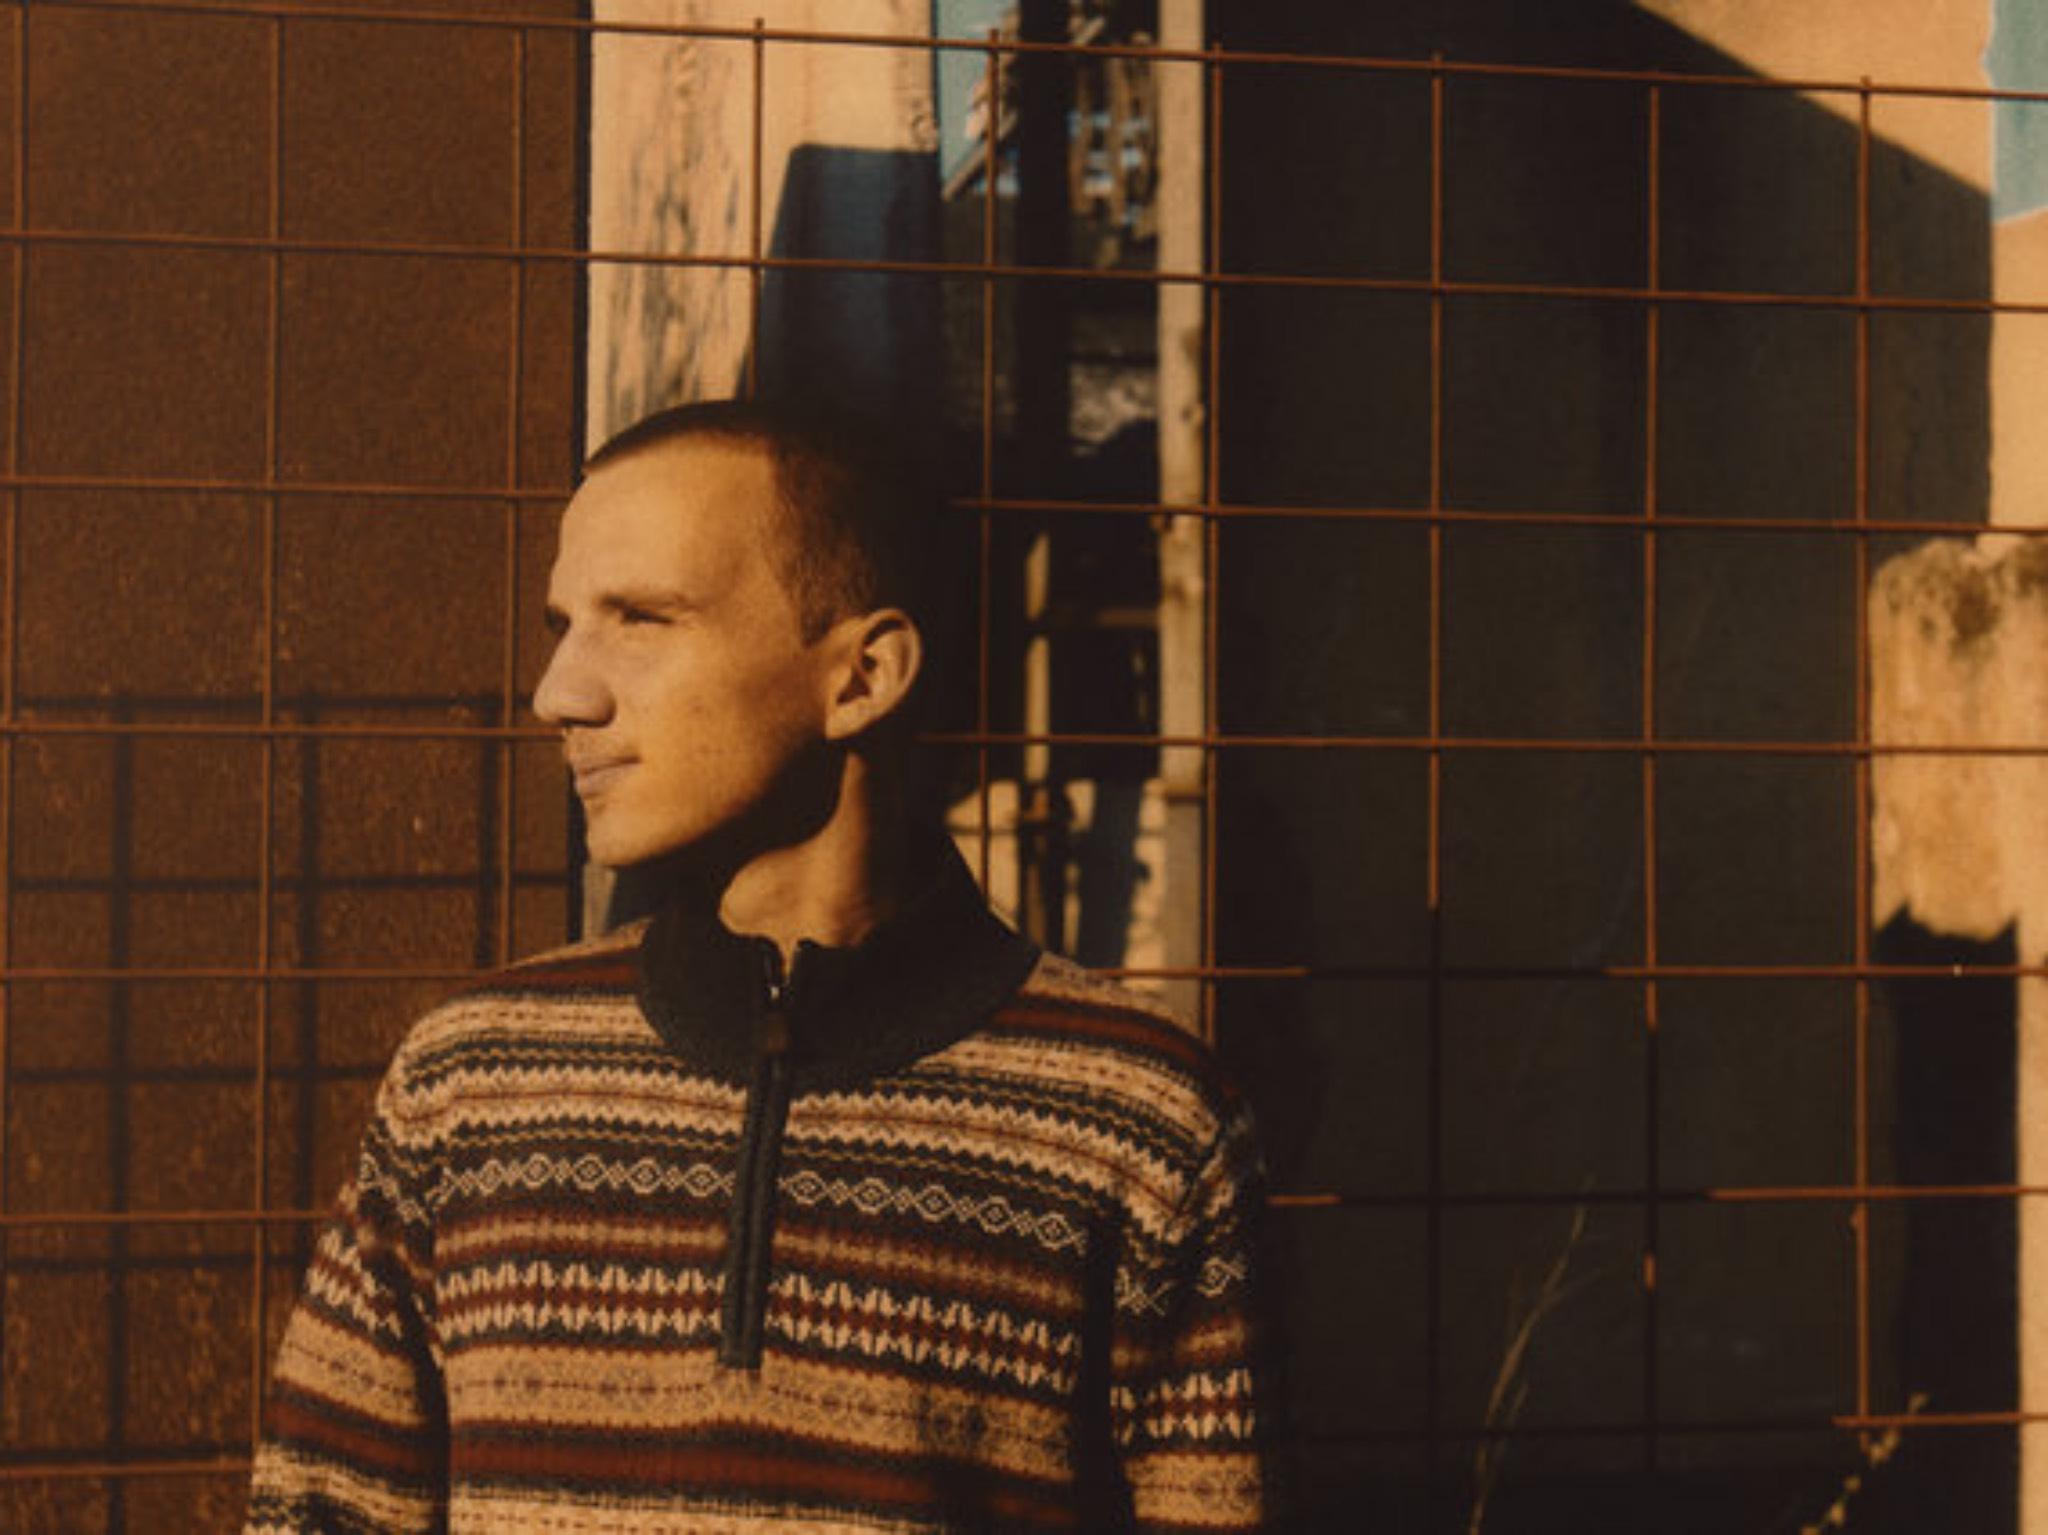 Dynamisch und emotional, so beschriebt Jakob seine Musik. Foto: Jakob Dietrich